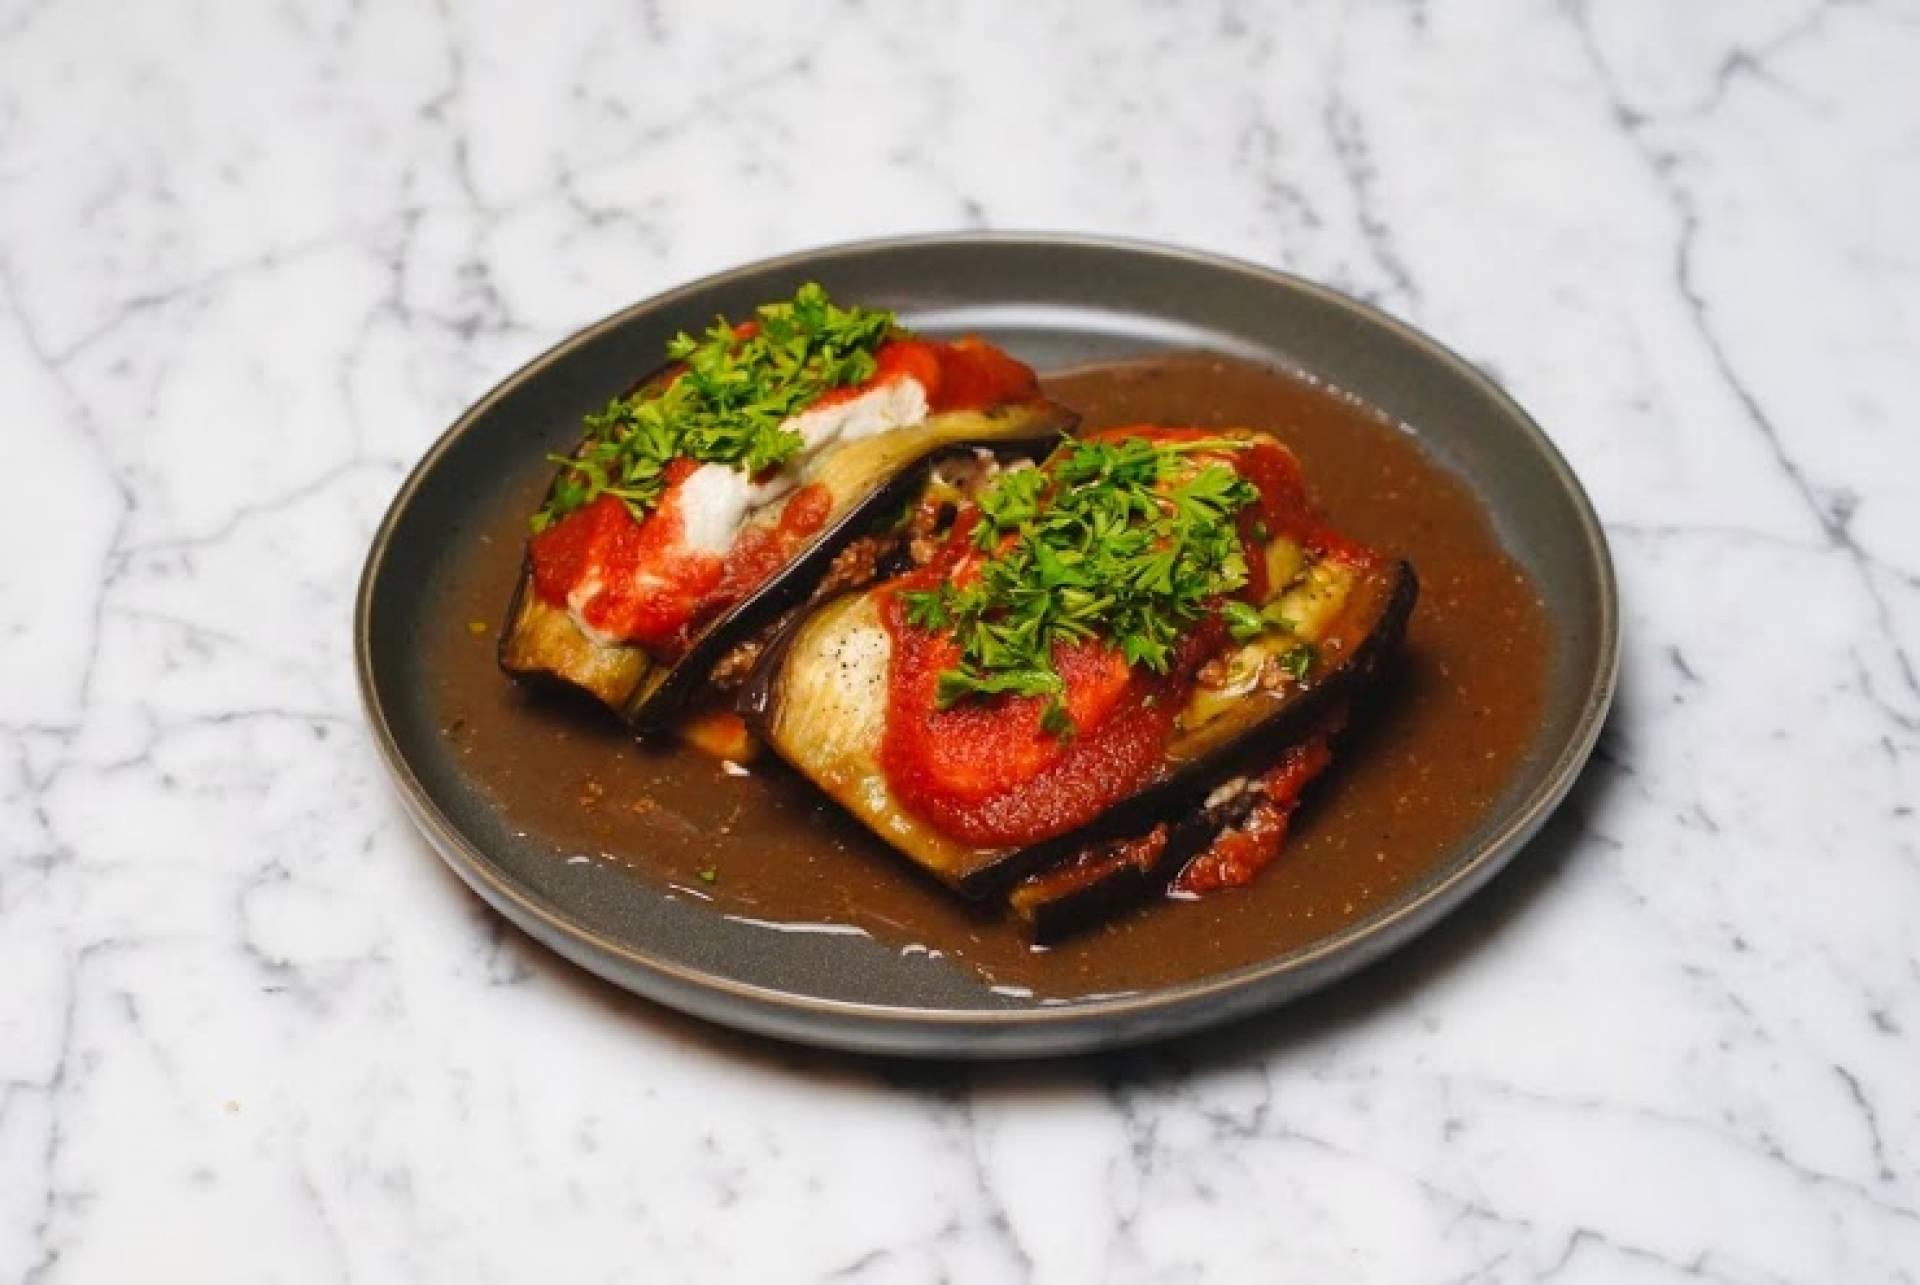 Turkey Eggplant Rollatini